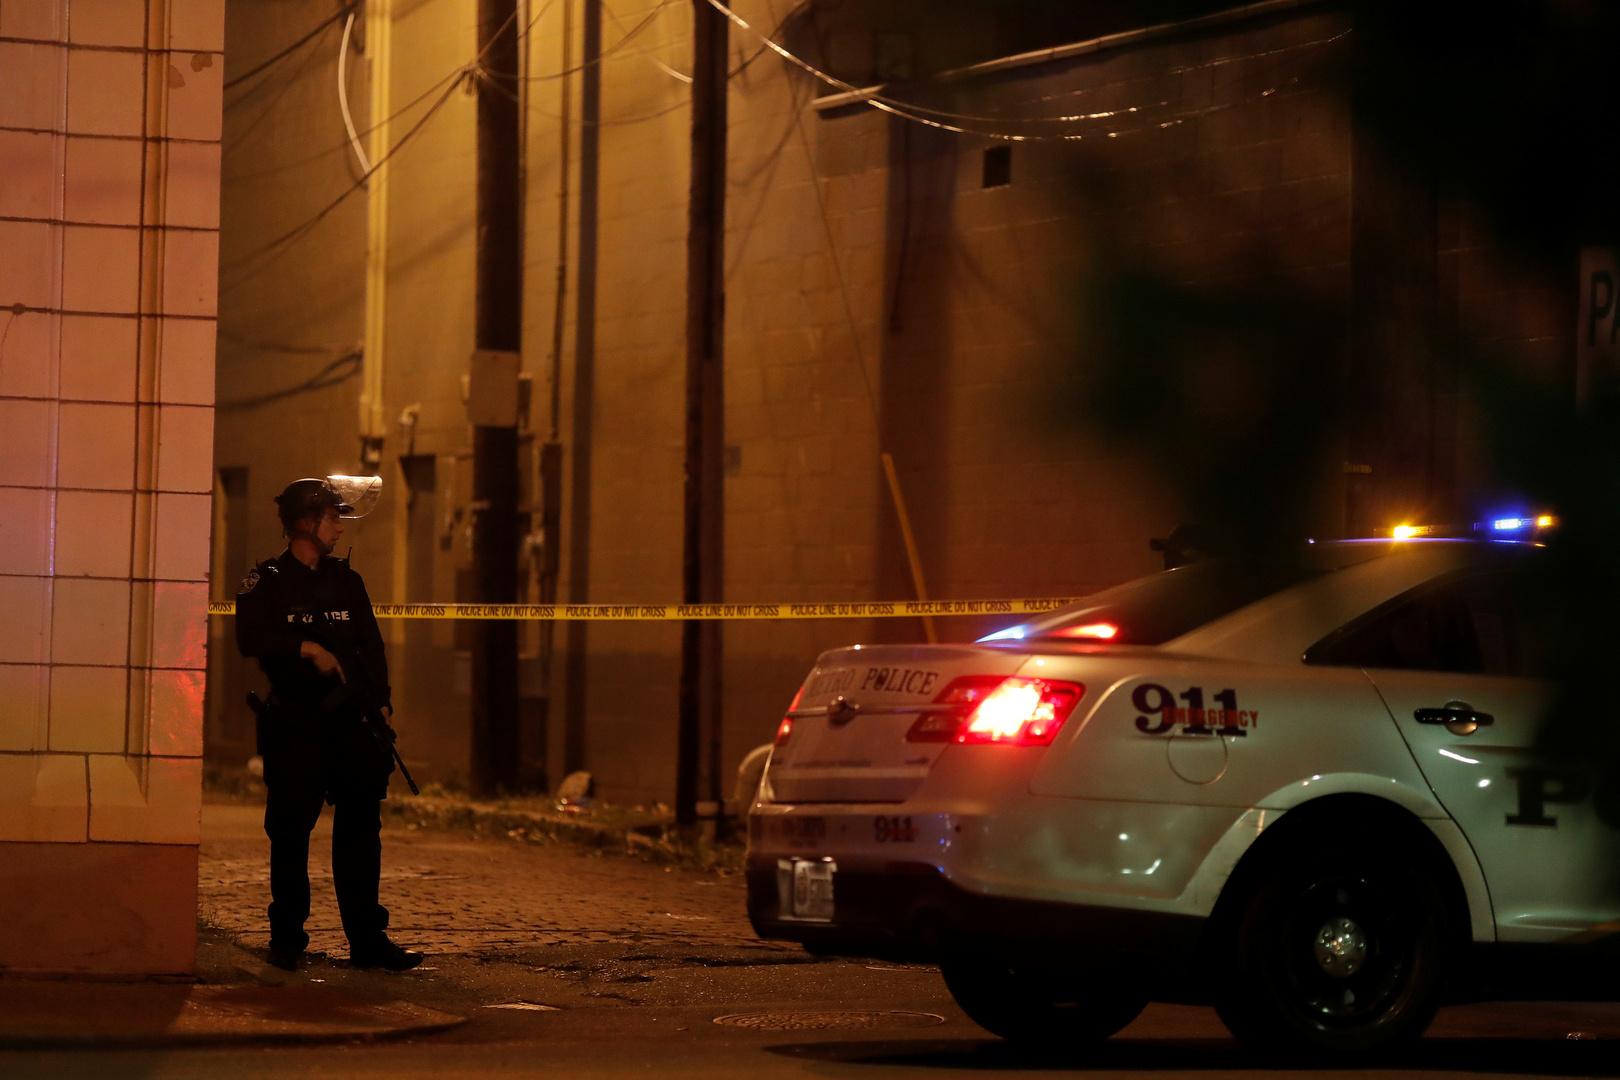 3 قتلى جراء إطلاق نار داخل حانة في ويسكونسن الأمريكية